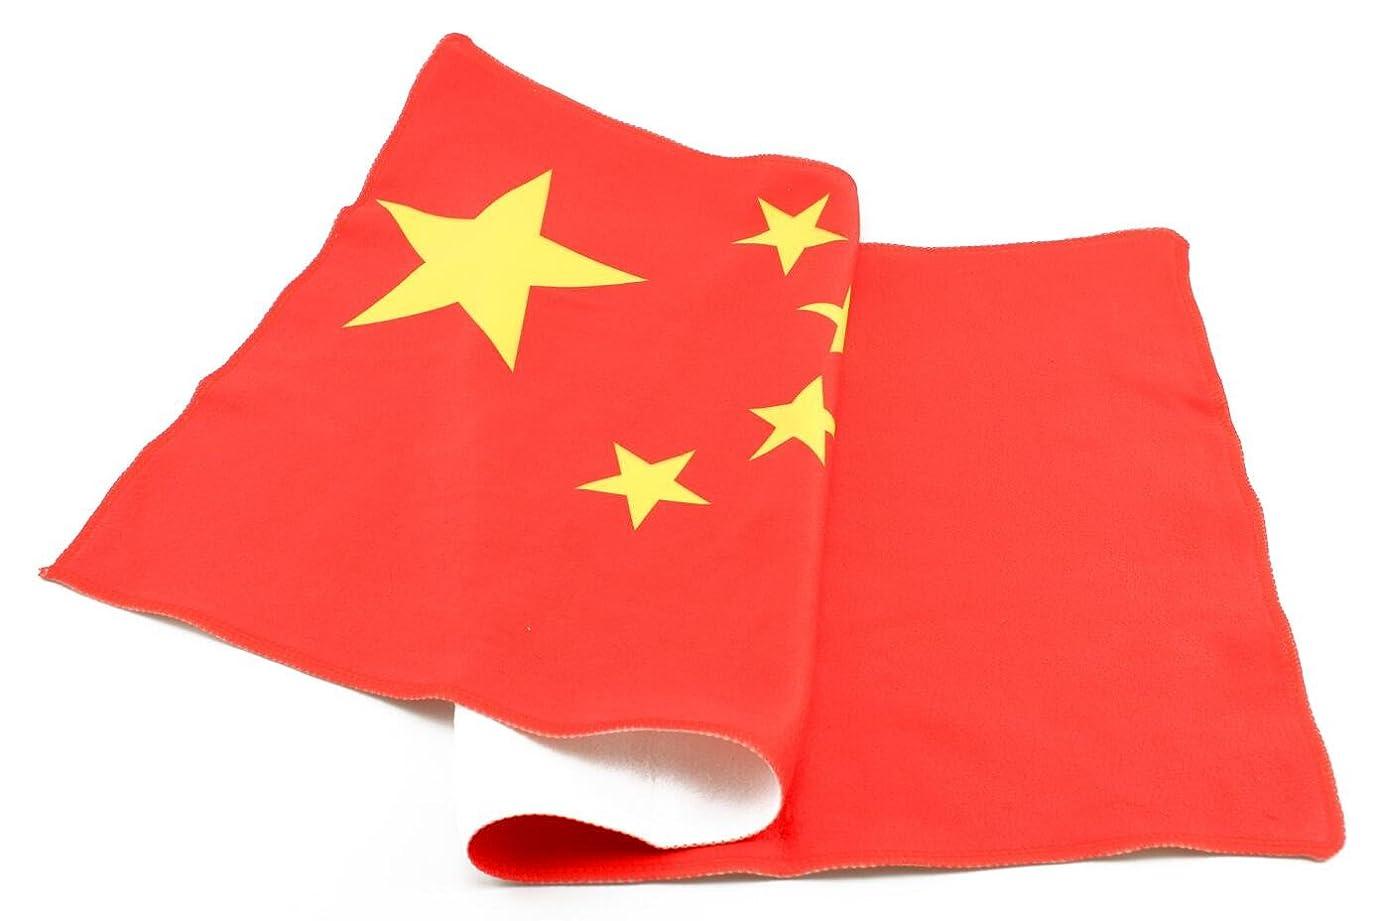 グリーンバック大佐夫naissant 中国 China 国旗 スポーツタオル